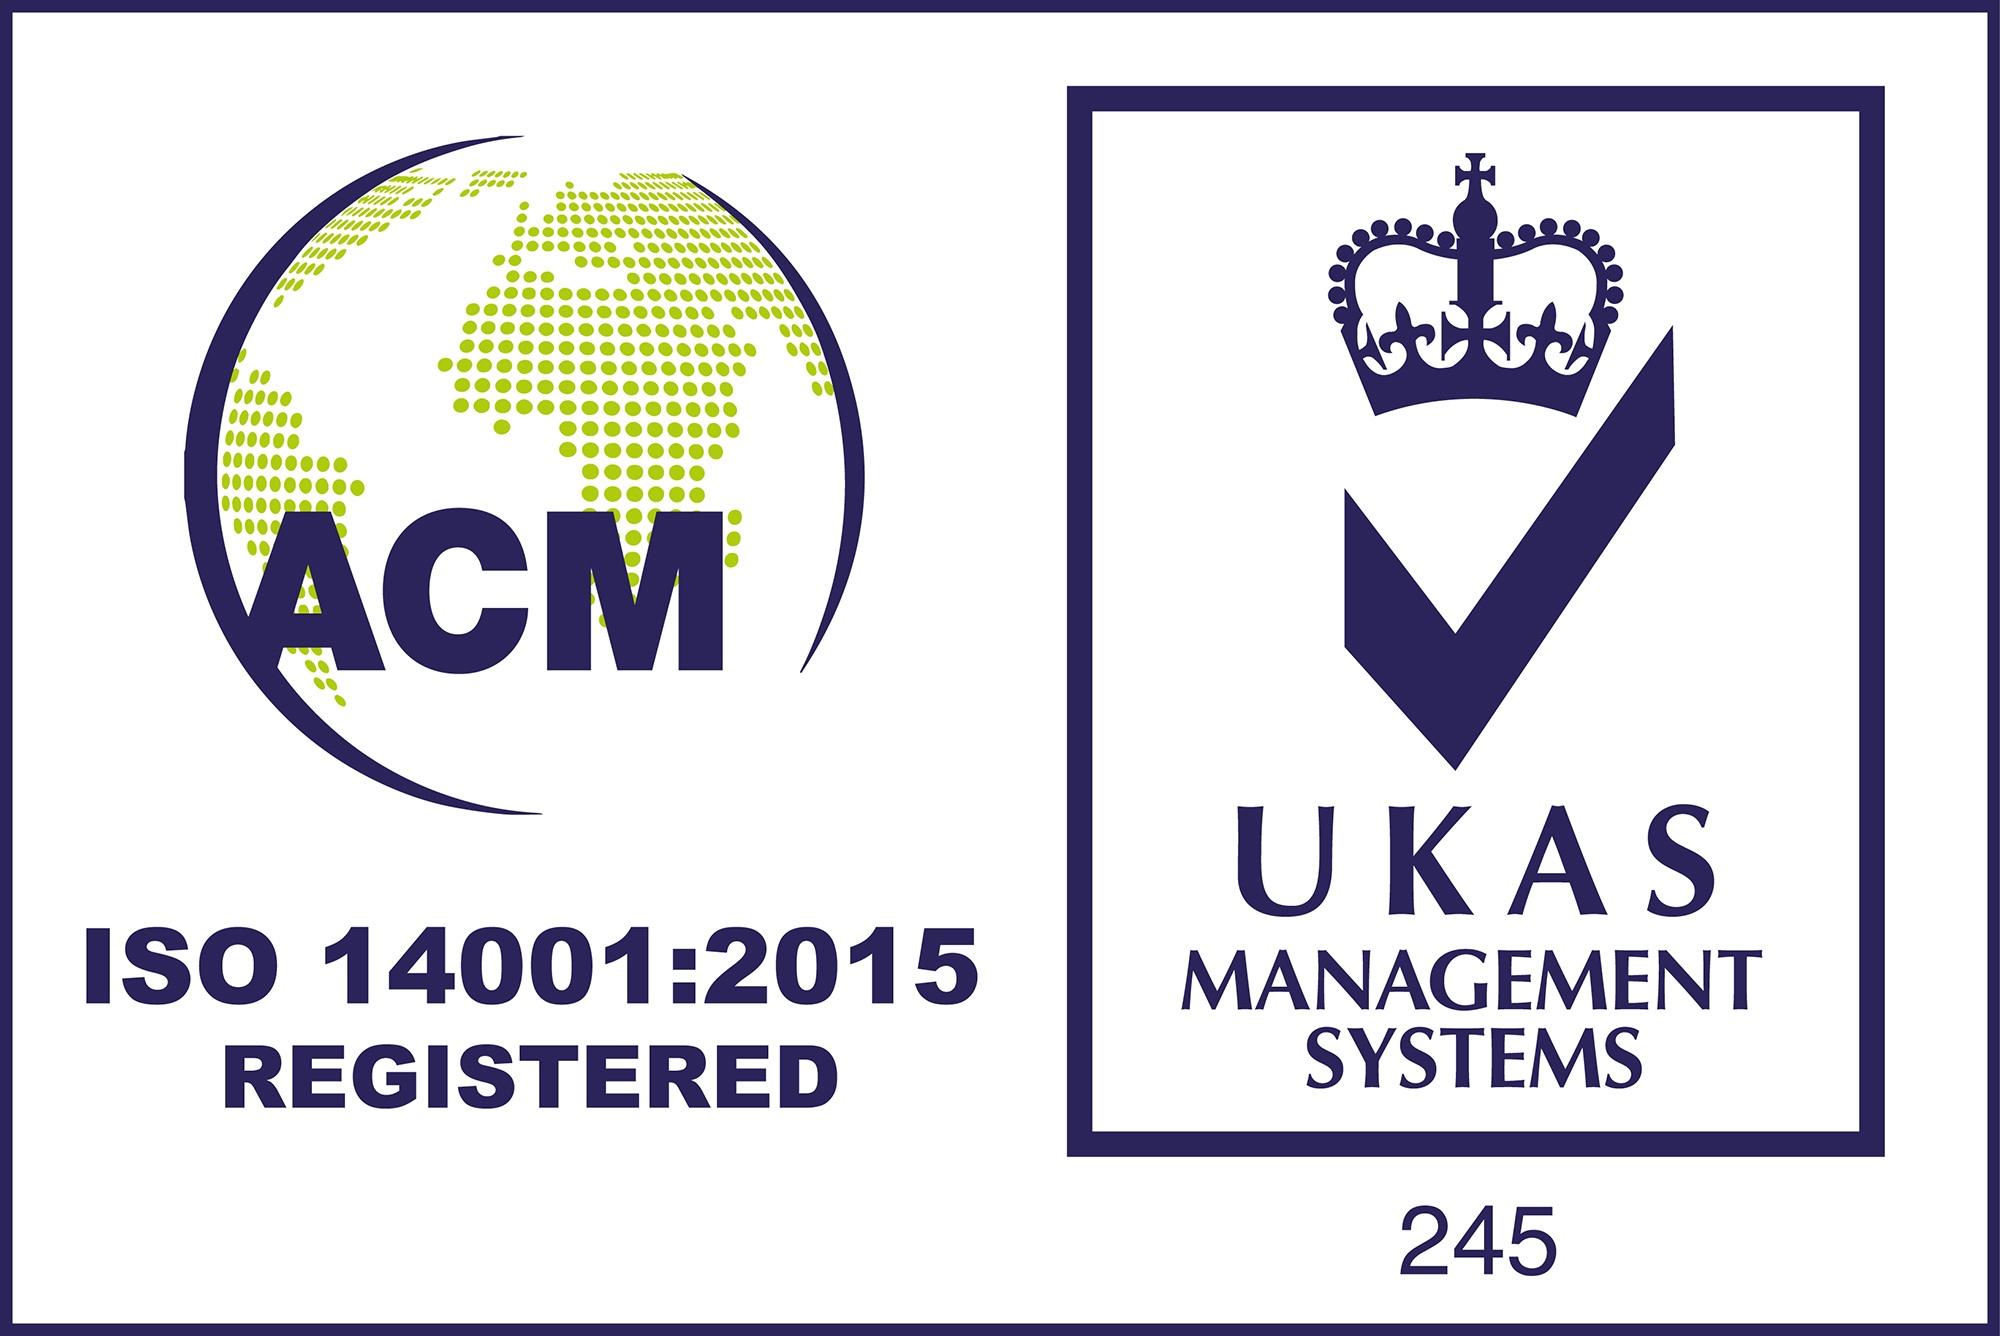 https://0201.nccdn.net/4_2/000/000/058/ad8/14001-ACM-UKAS-Logo-2000x1336.jpg